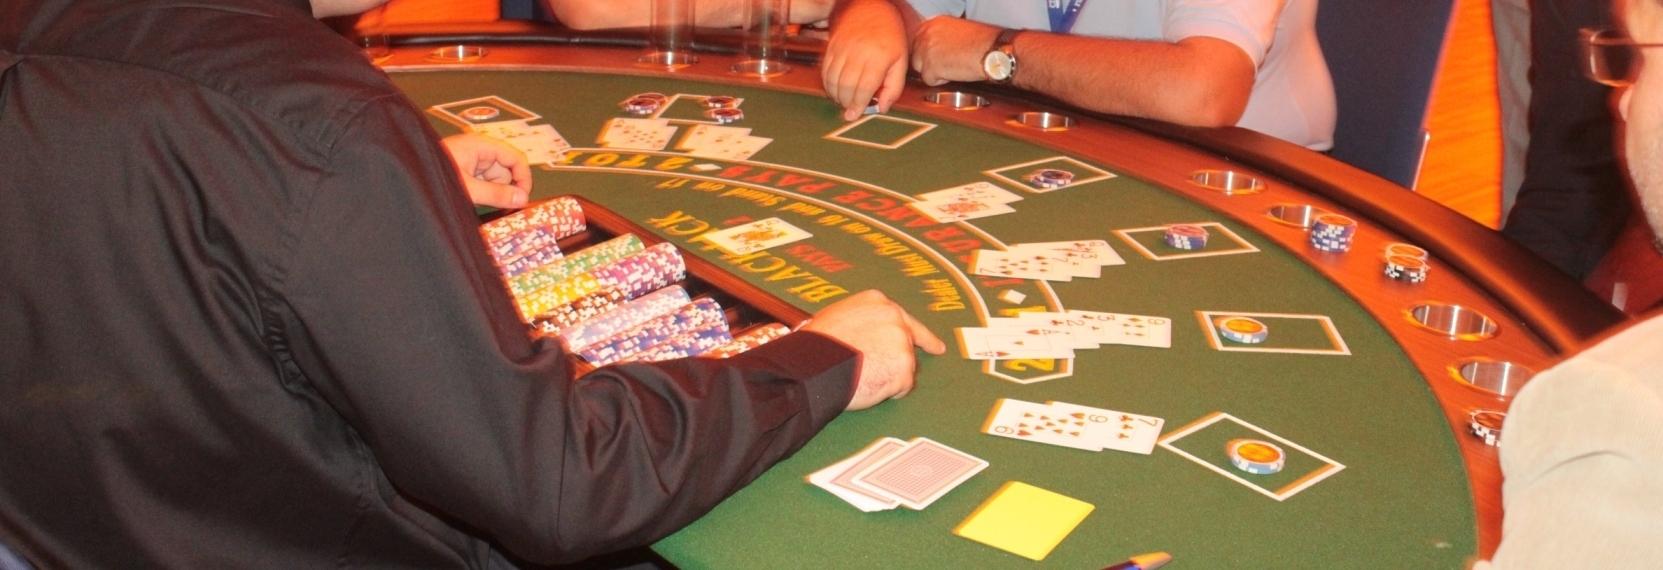 Mesa de casino de alquiler de toronto norte-58176